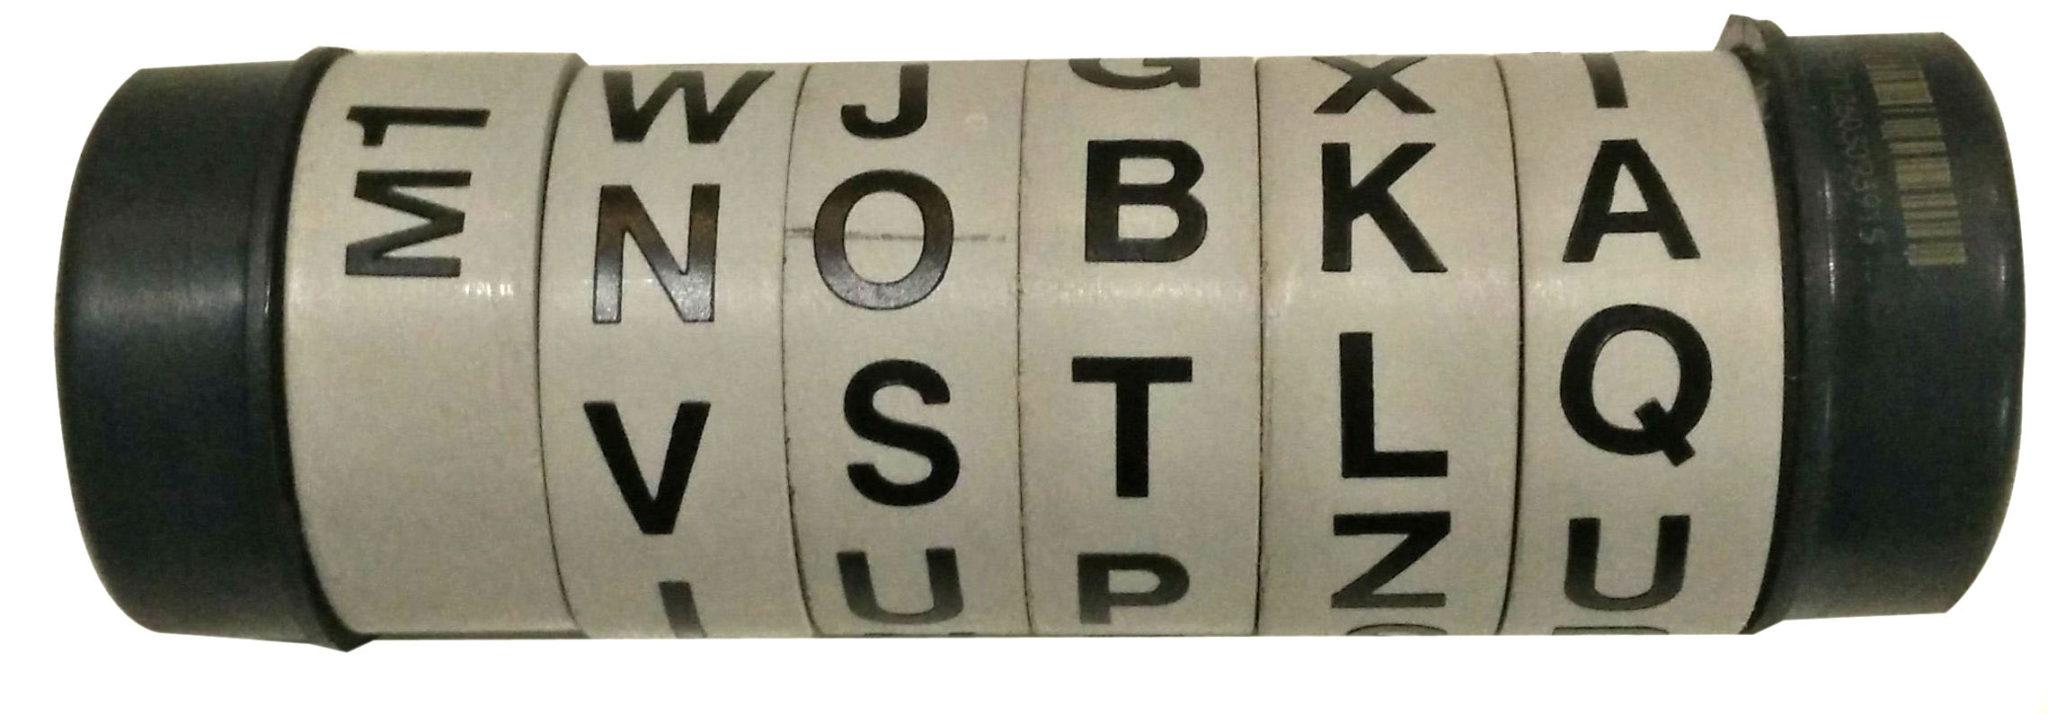 Cryptex maken - letters aanbrengen